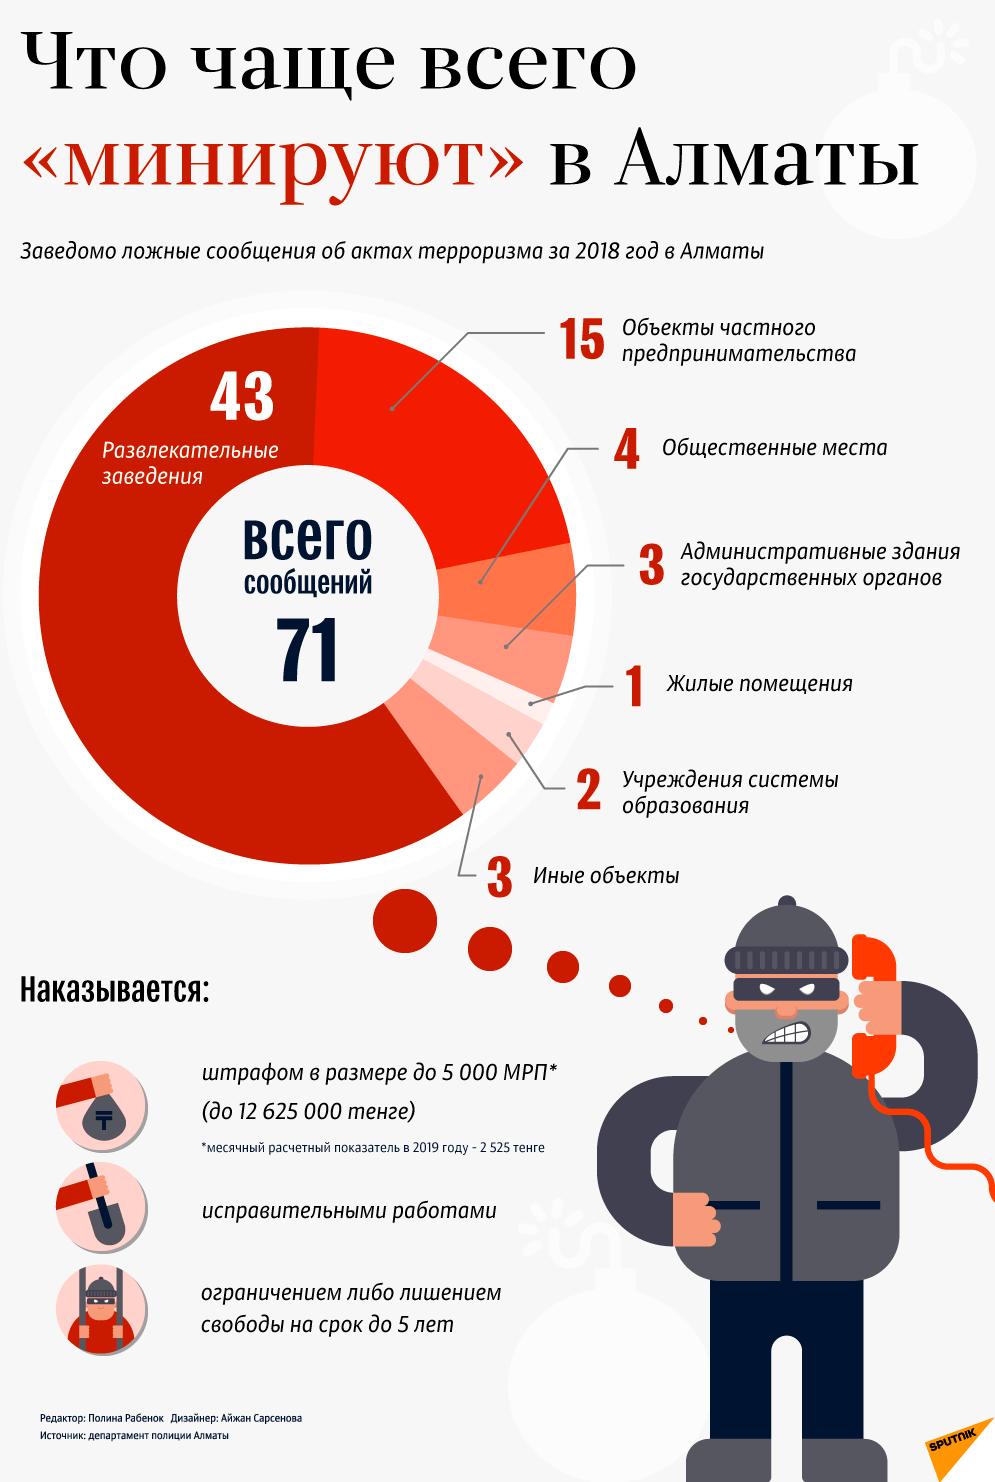 Какие объекты чаще всего минируют в Алматы - инфографика